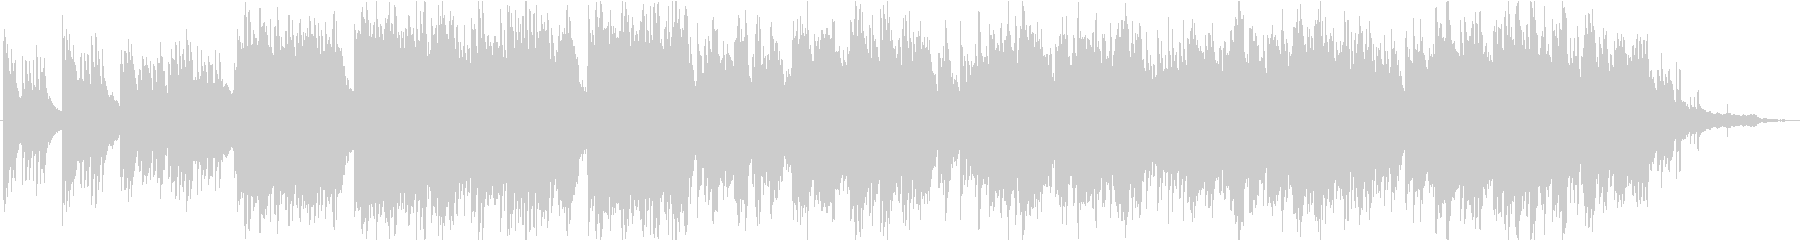 弦とピアノのゆったりとしたオーケストラの未再生の波形